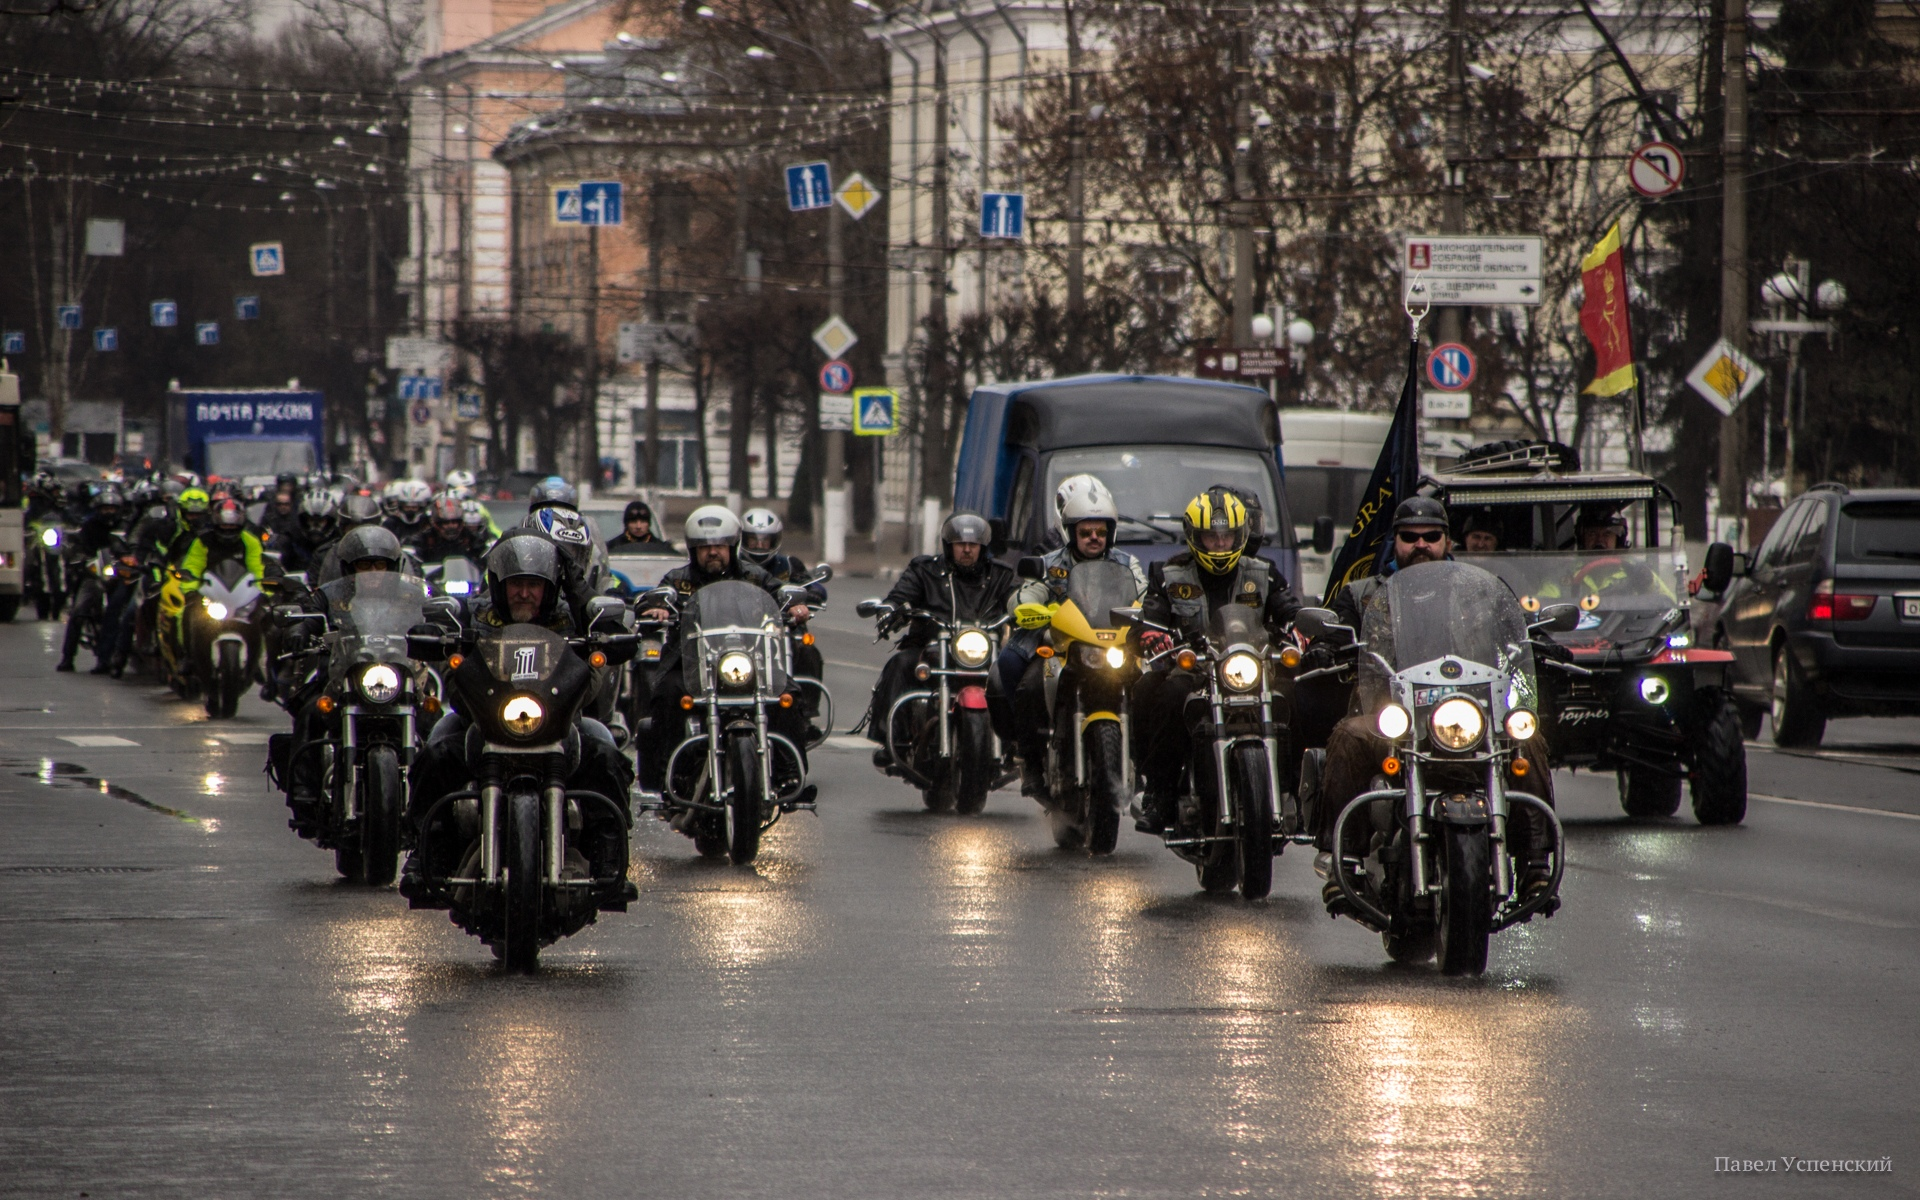 В Твери мотосоезон закроют традиционным мотопробегом по улицам города - новости Афанасий